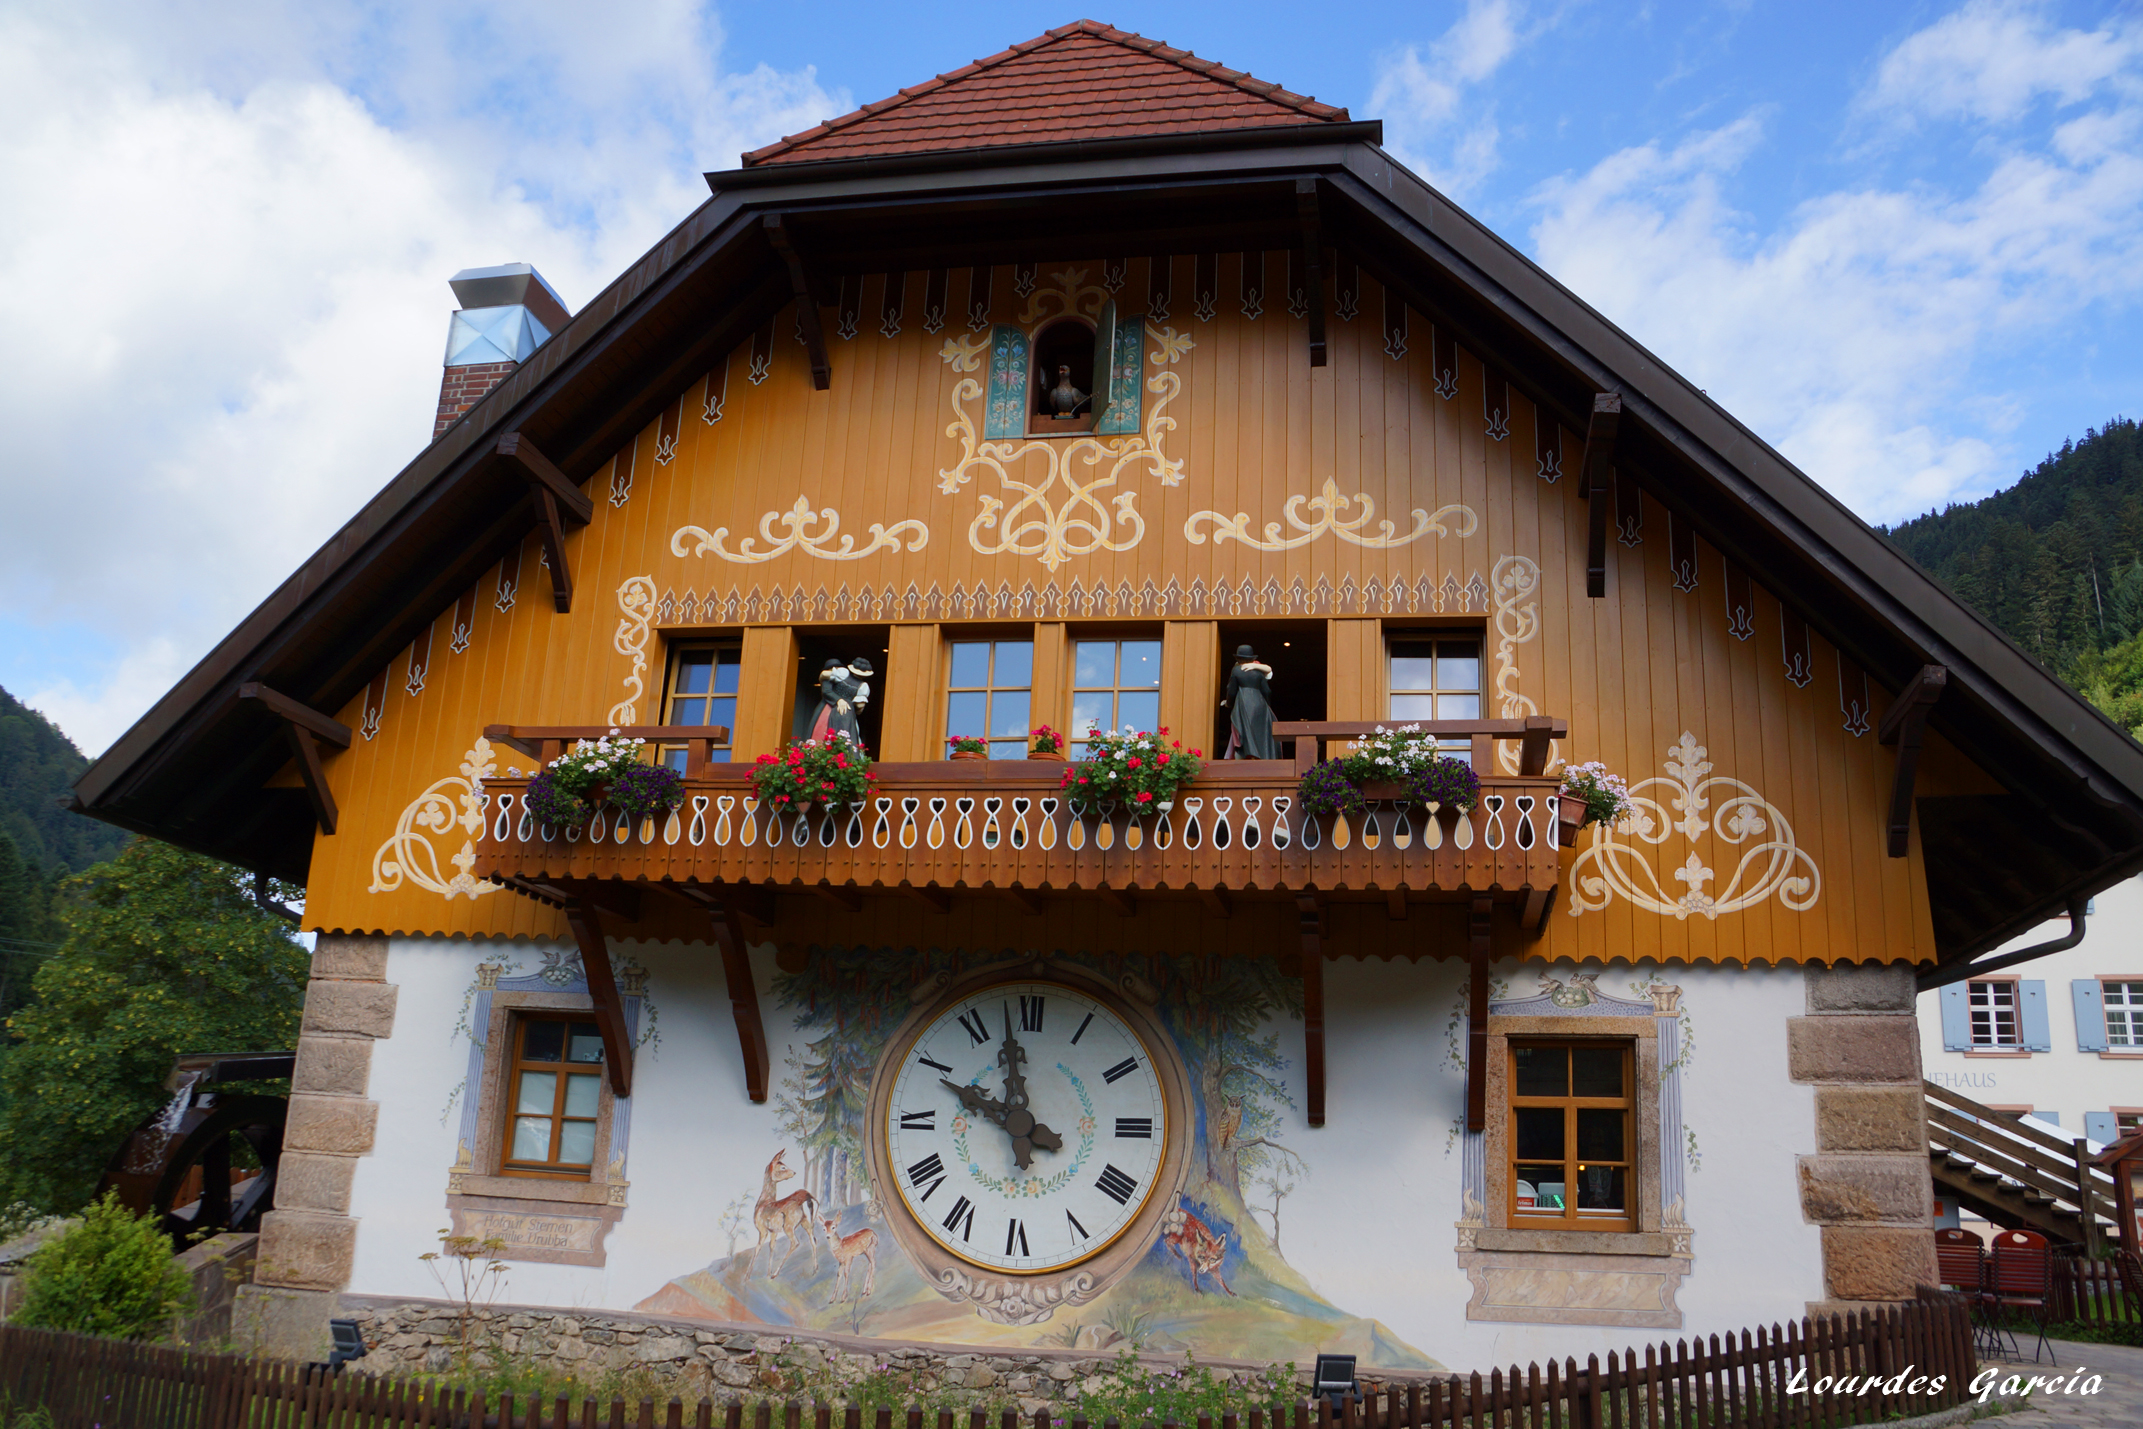 Uno de los relojes de cuc m s grandes de toda la selva - Relojes para casa ...